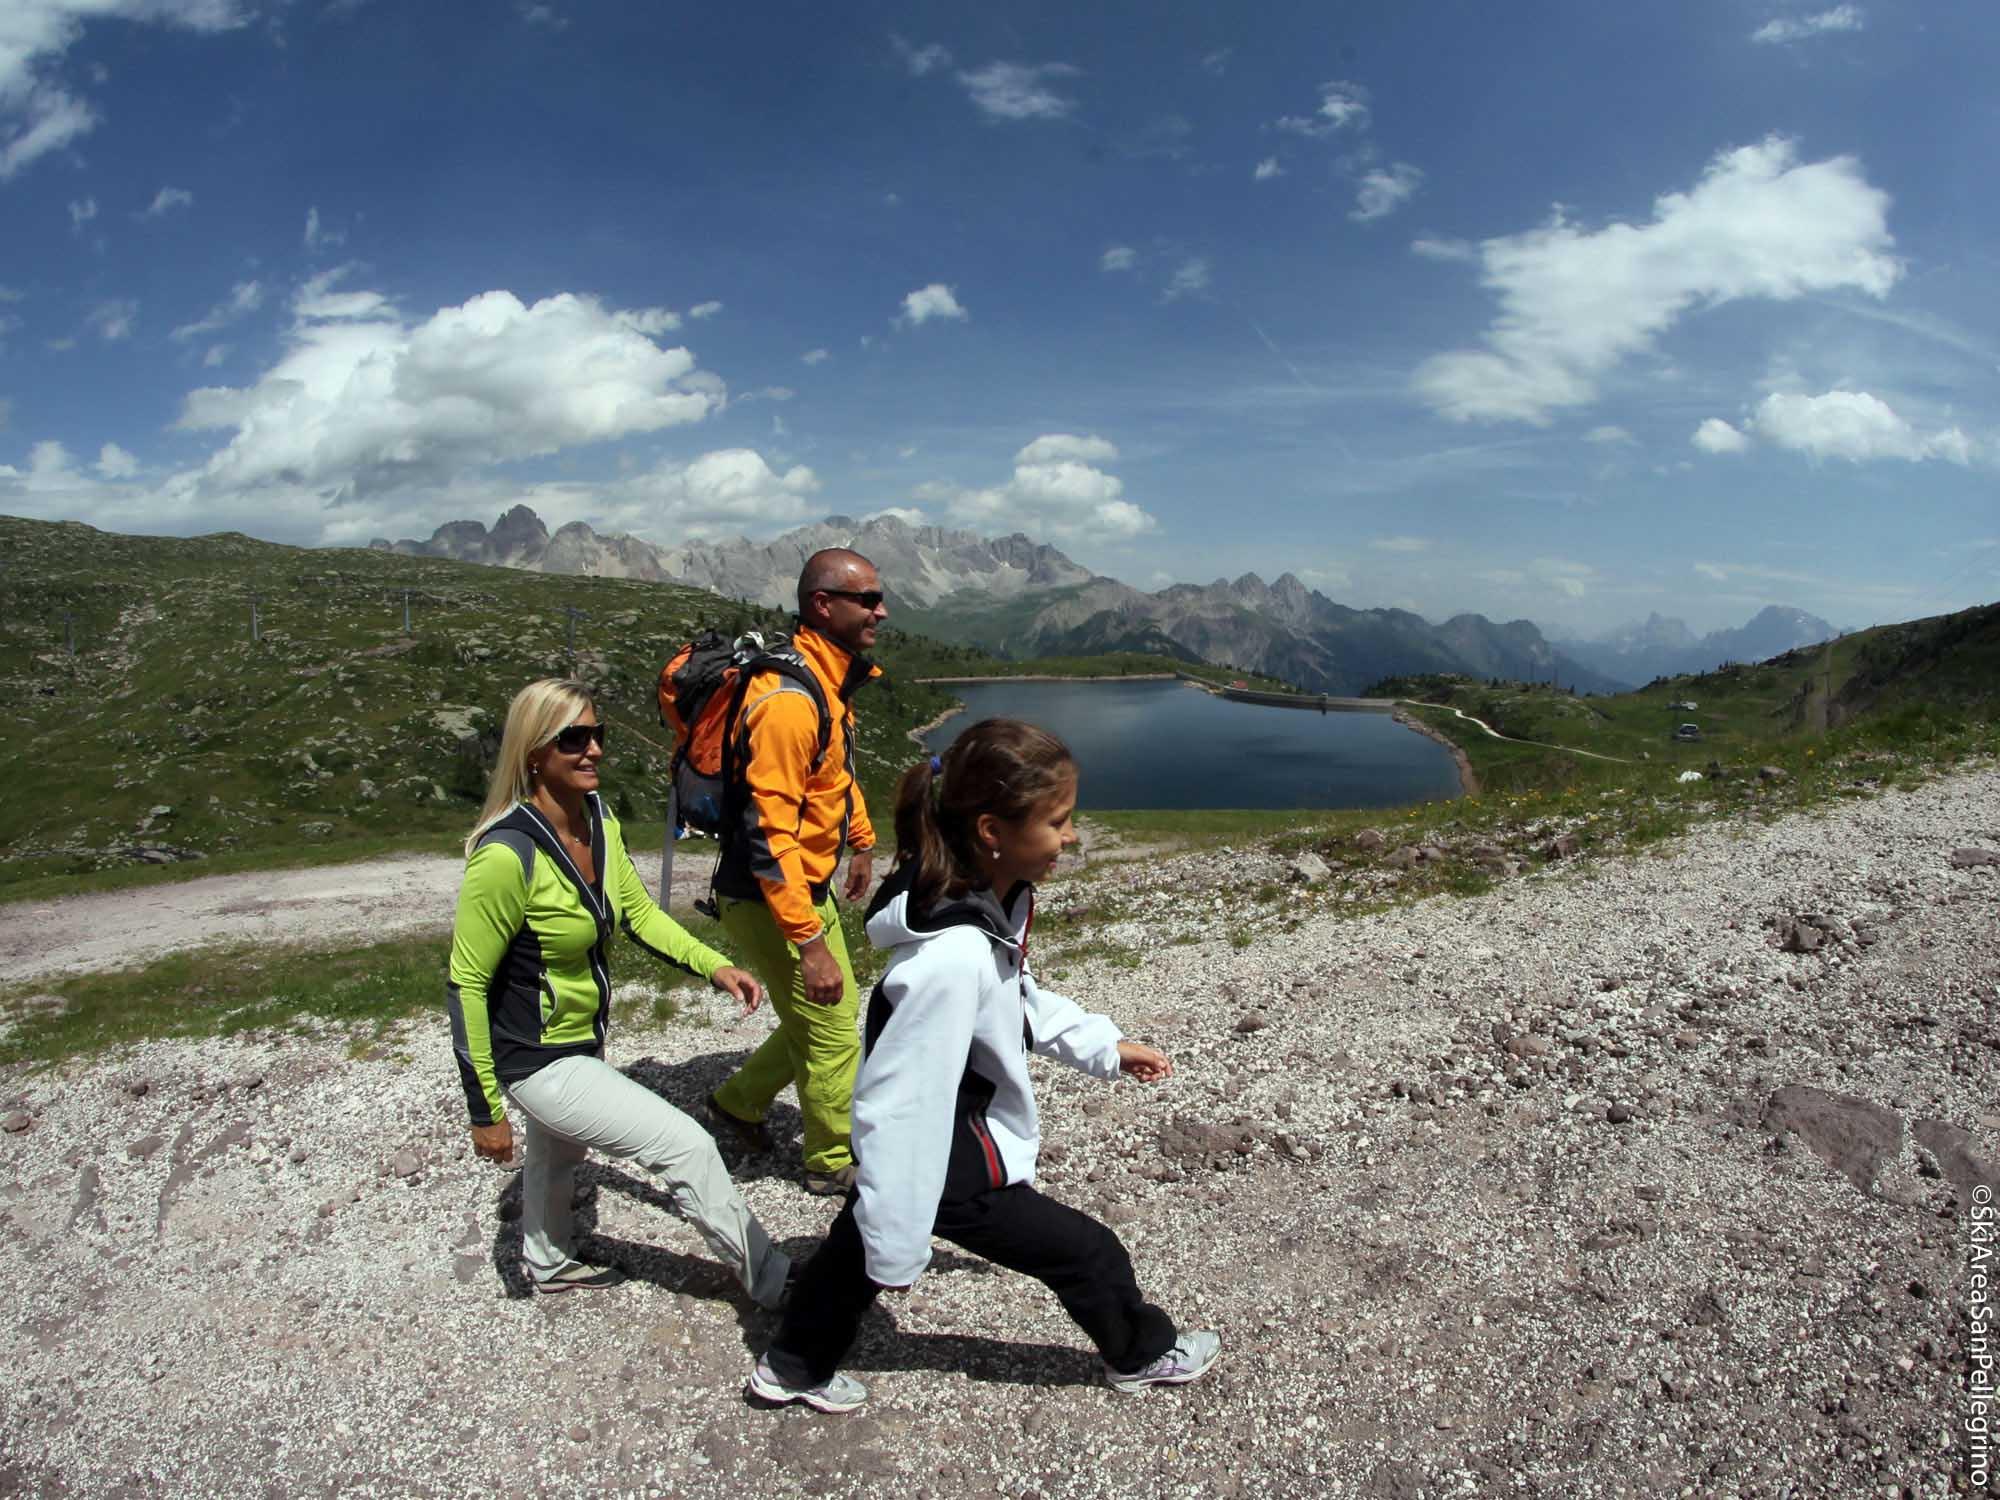 trekking san pellegrino vacanze con bambini hotel resort attività